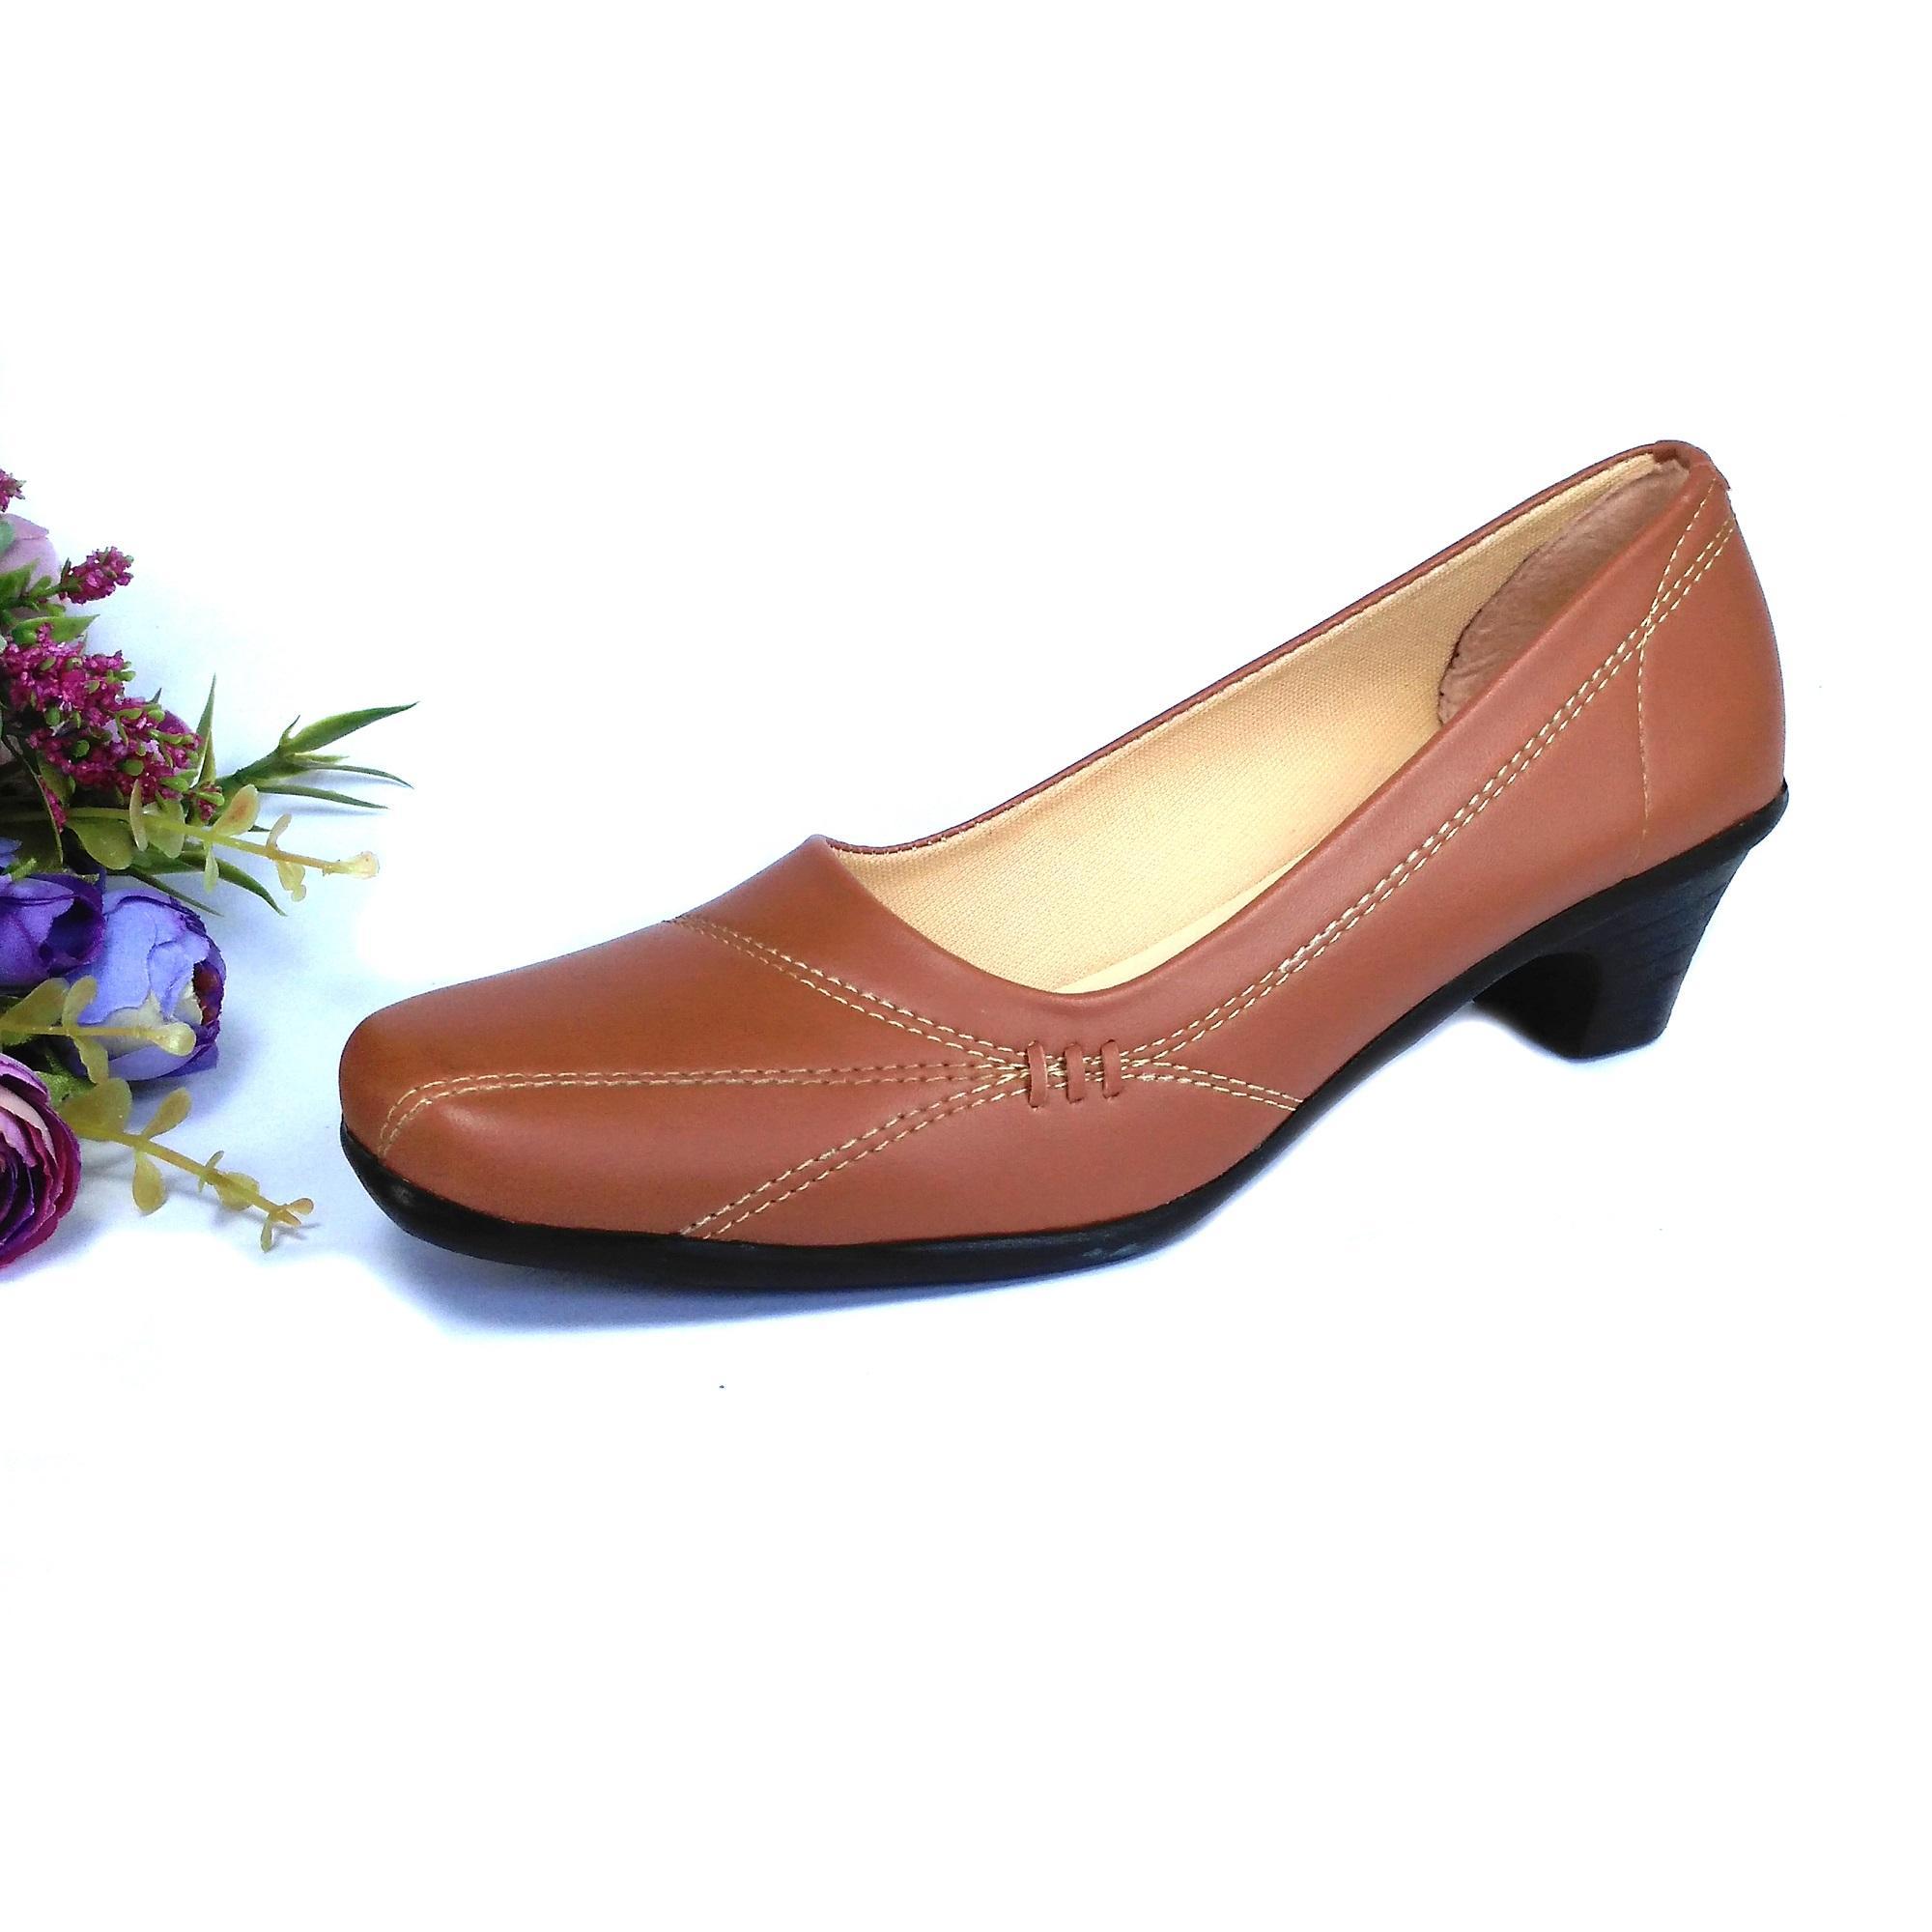 HQo Sepatu Pantofel Wanita   Sepatu Wanita Formal   Sepatu Pantofel  Paskibra Wanita Bertali   Sepatu 95e53f8097